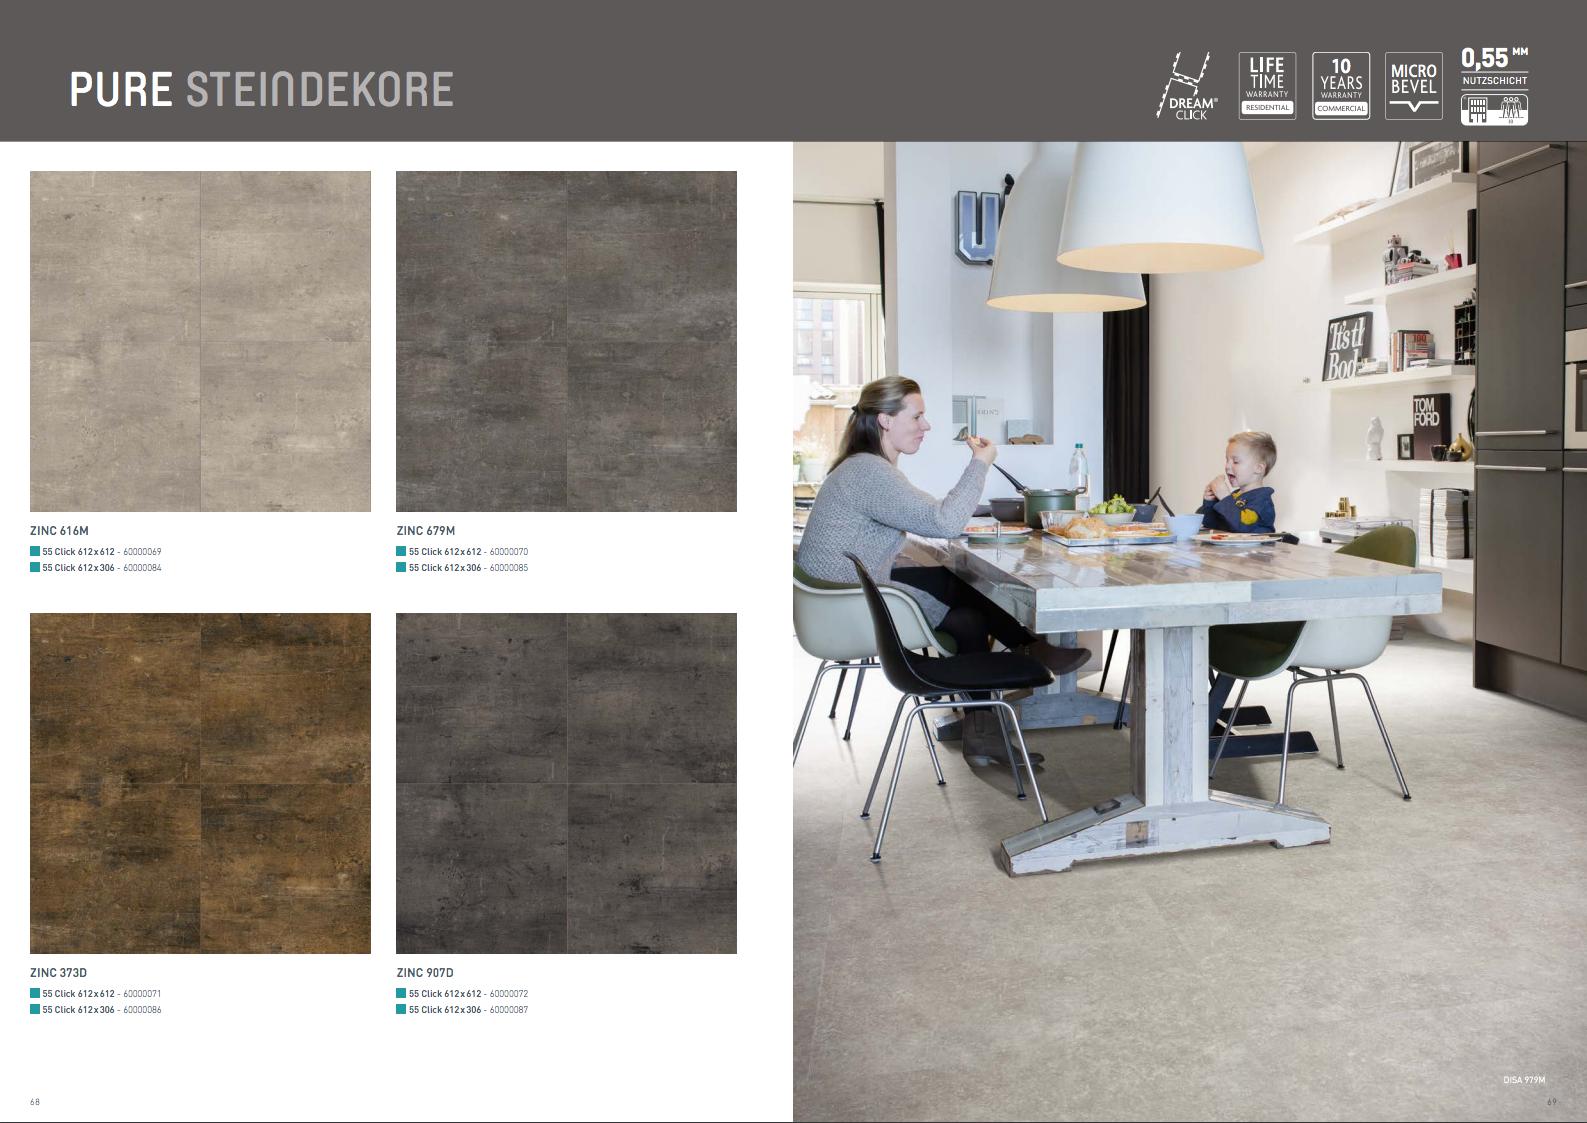 Stein- und Fliesendekore für Küche und Bad in der berryAlloc Vinyl-Designbelag Kollektion PURE Click